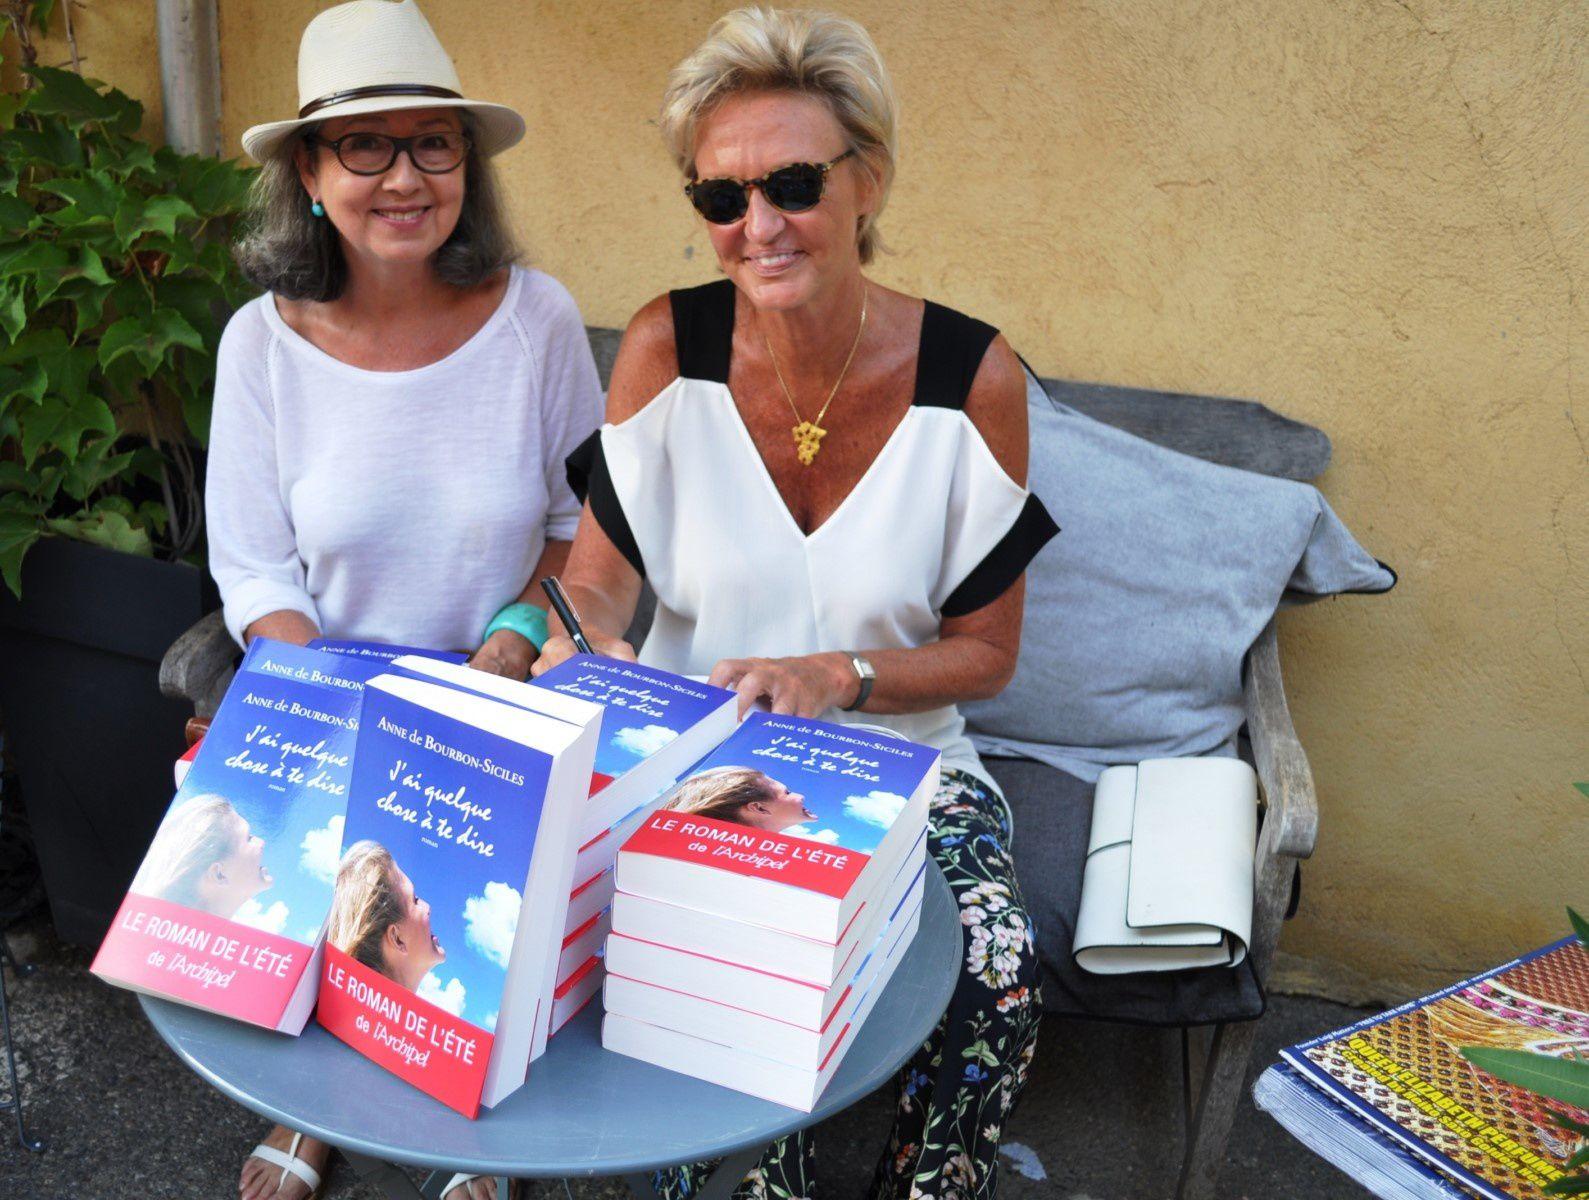 S.A.R.La Princesse Anne de Bourbon  Deux Siciles, après Paris présente son dernier livre à la Librairie de Saint-Tropez